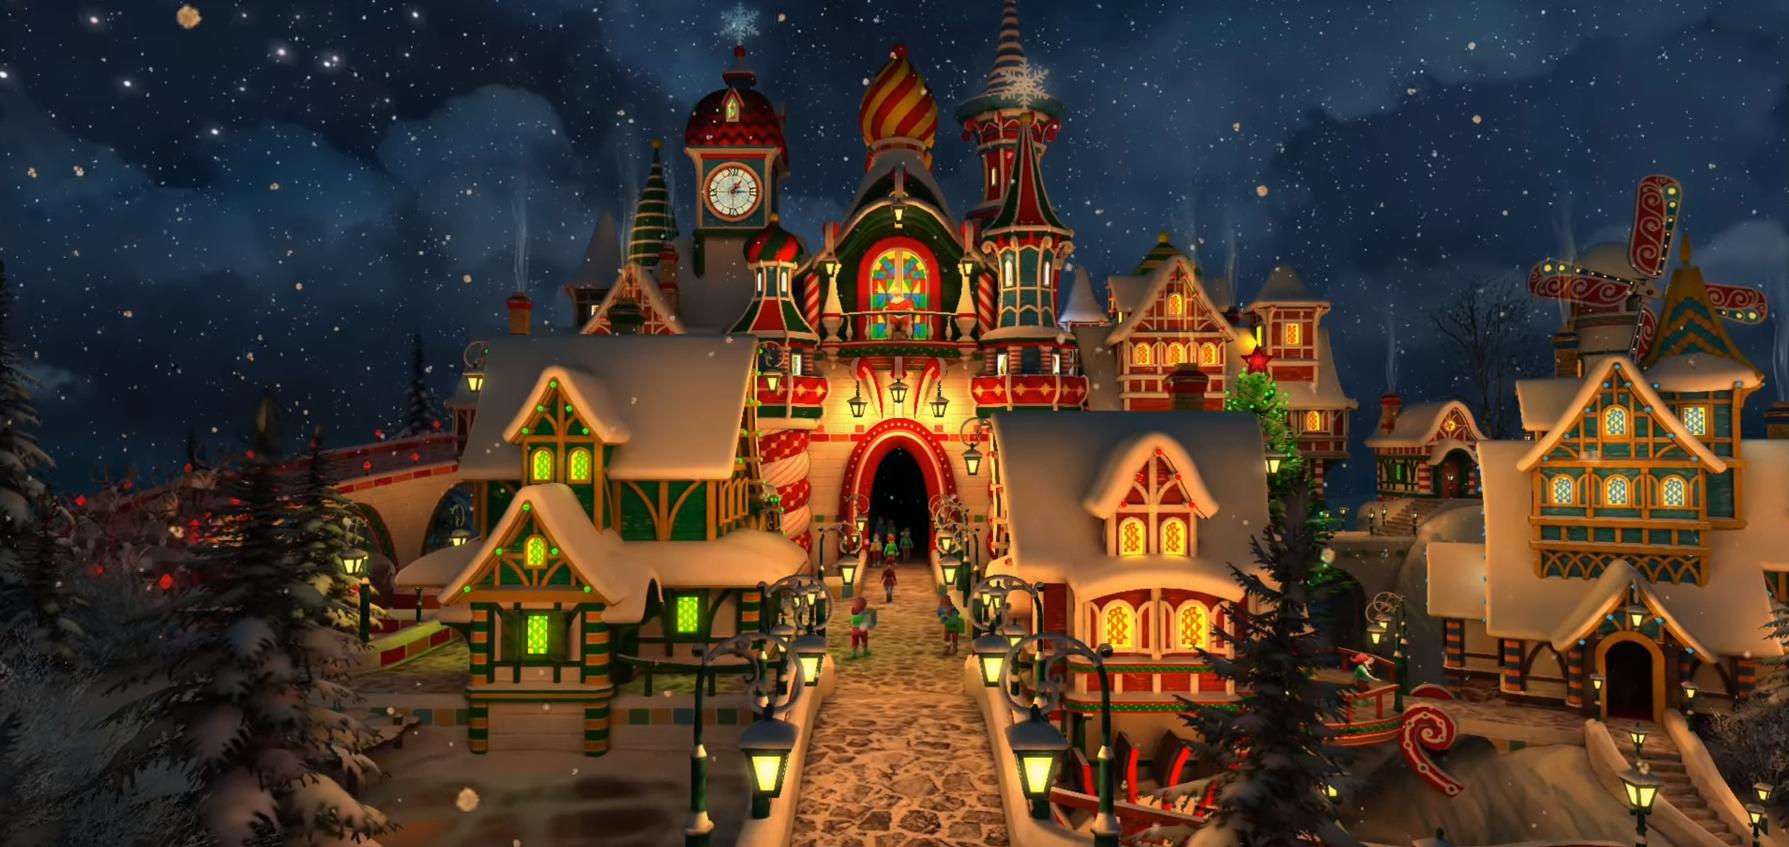 La Casa Di Babbo Natale Immagini.Abbiamo Trovato La Casa Di Babbo Natale Christmasvillageworld Com